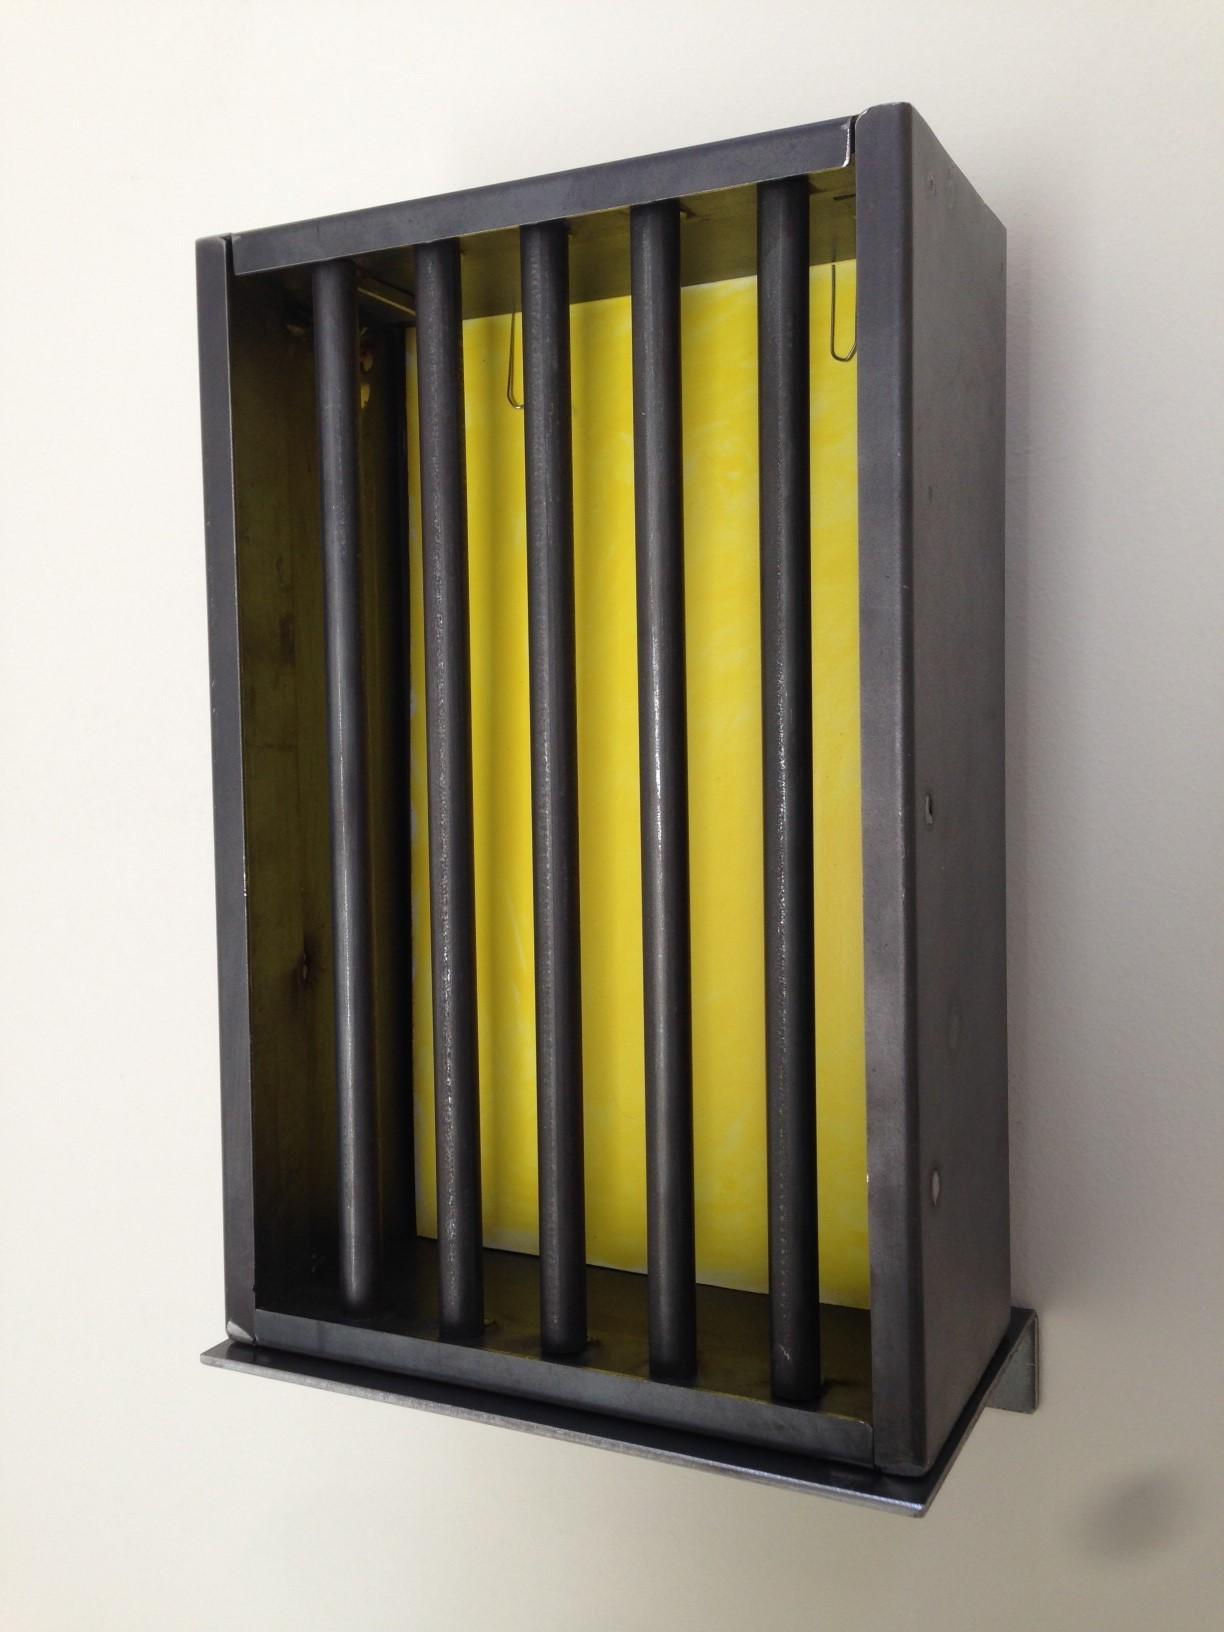 Jannis Kounellis, S.T., 2014, fondo smalto giallo su carta, ferro, carta dipinta a mano con smalto giallo, fermagli, 30x20x10 cm, ed.100 + 9AP, firmata e numerata dall'artista (Edizione per INGM)